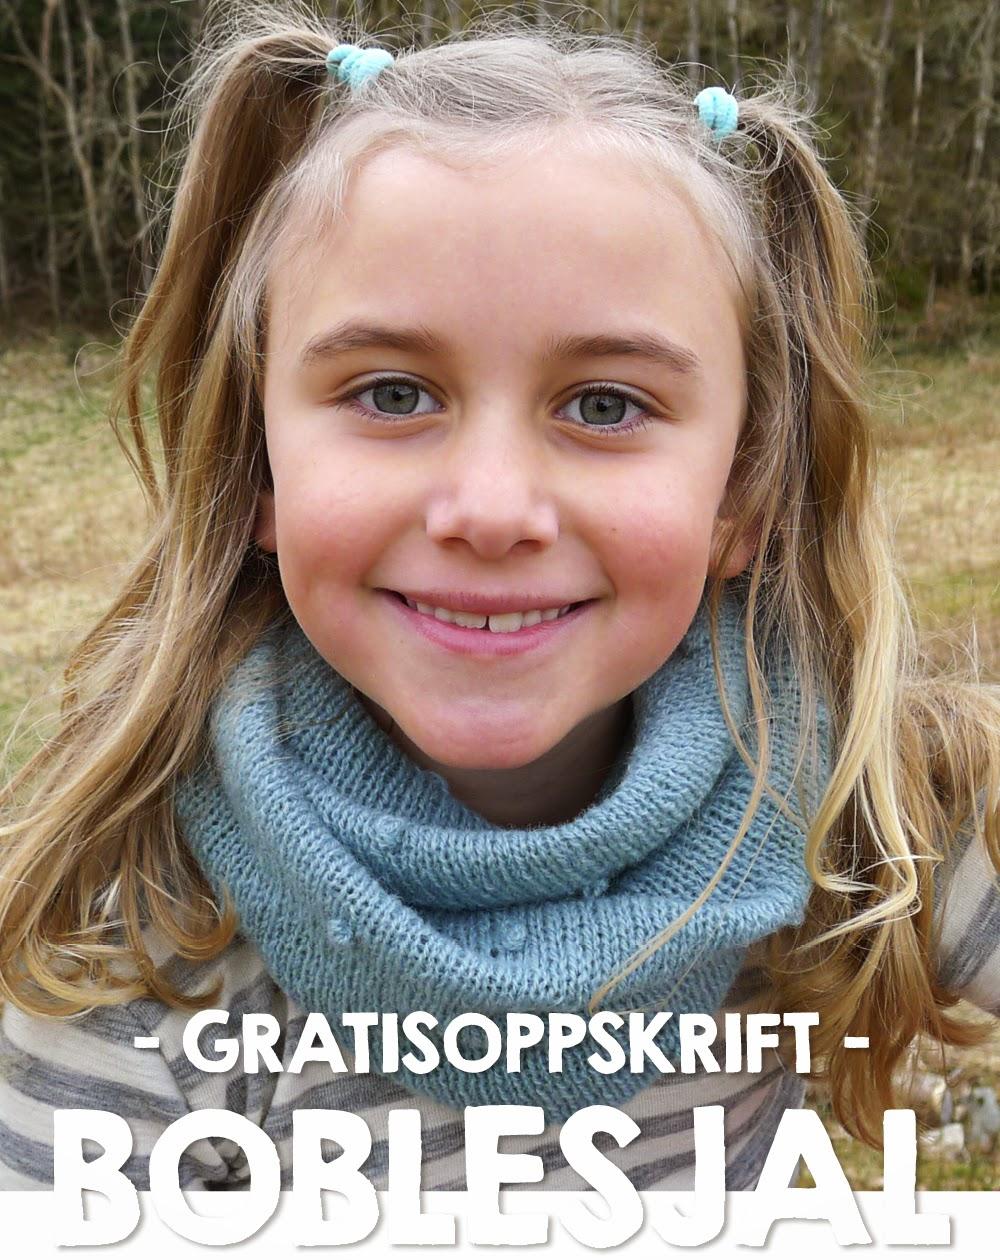 Boblesjal - gratisoppskrift på sjal fra Nøstebarn